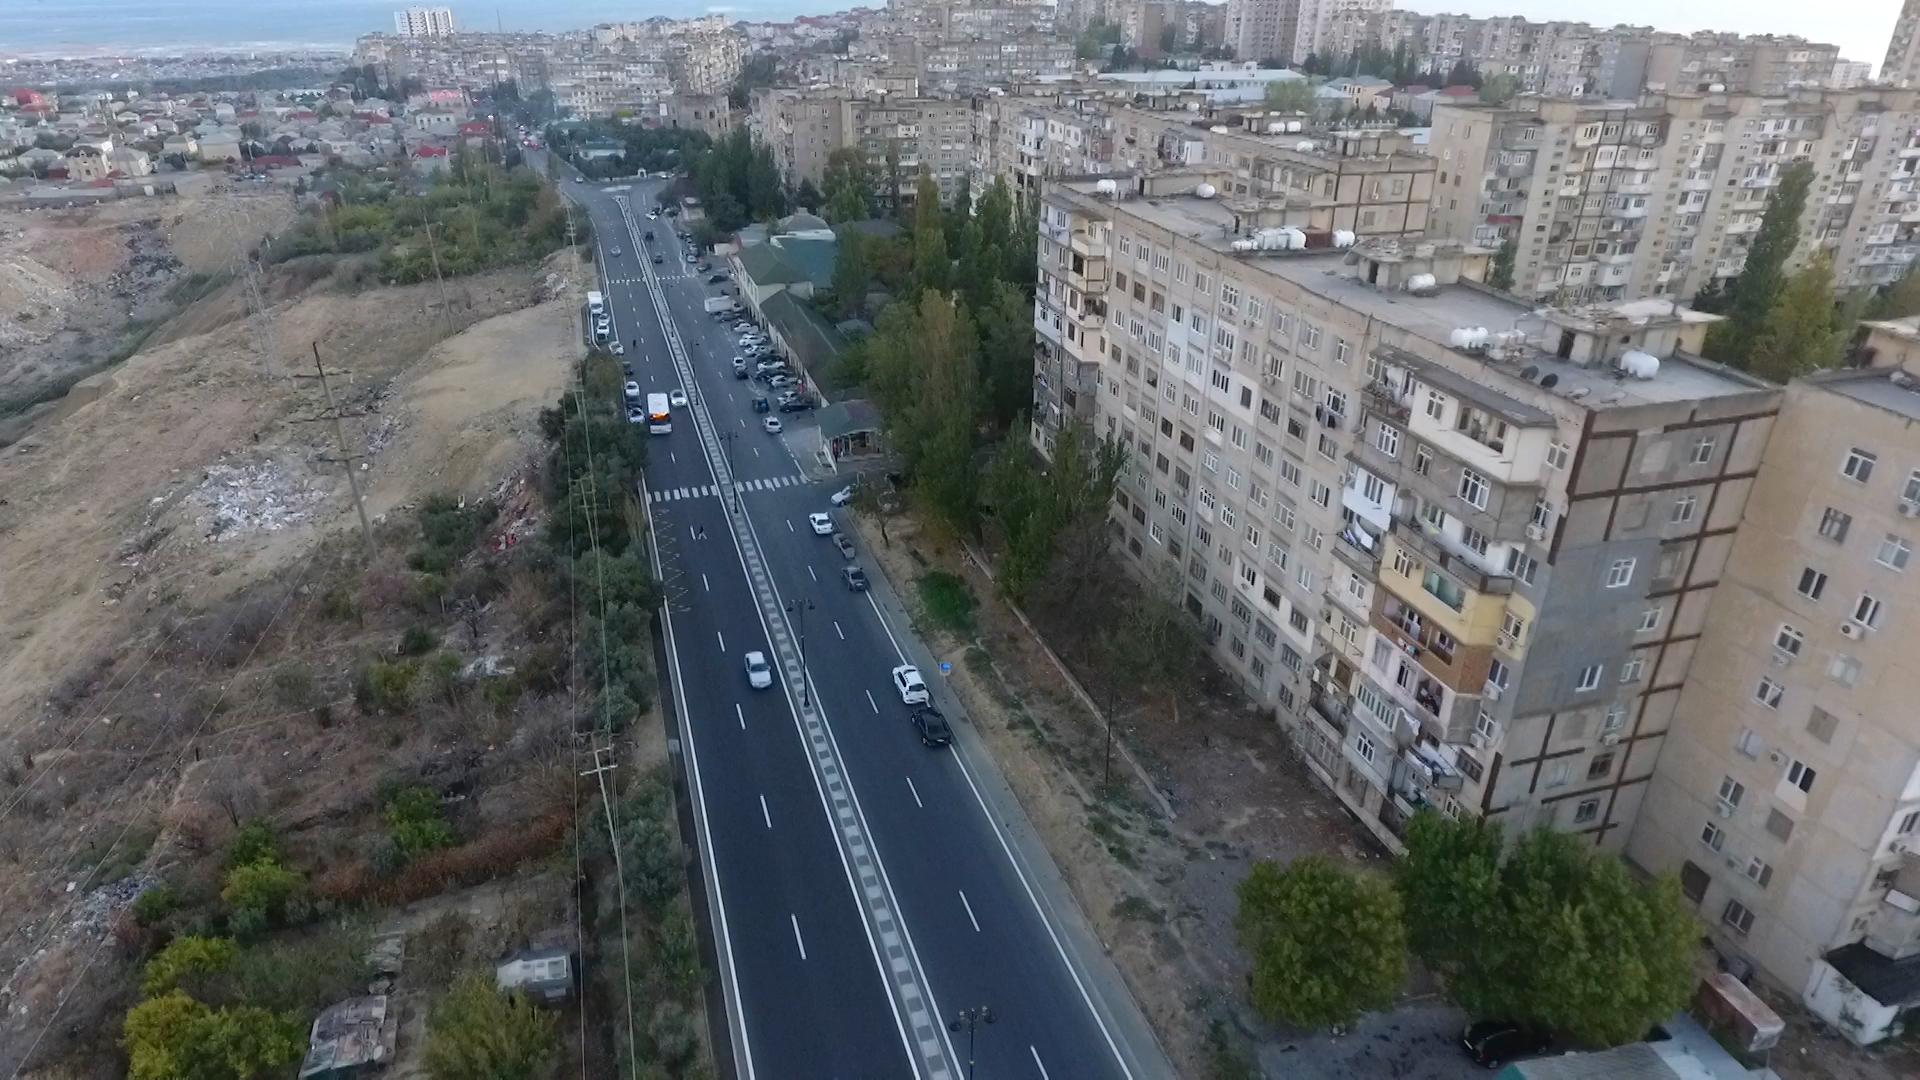 Bakıda daha bir küçə yenidən qurulub (FOTO)